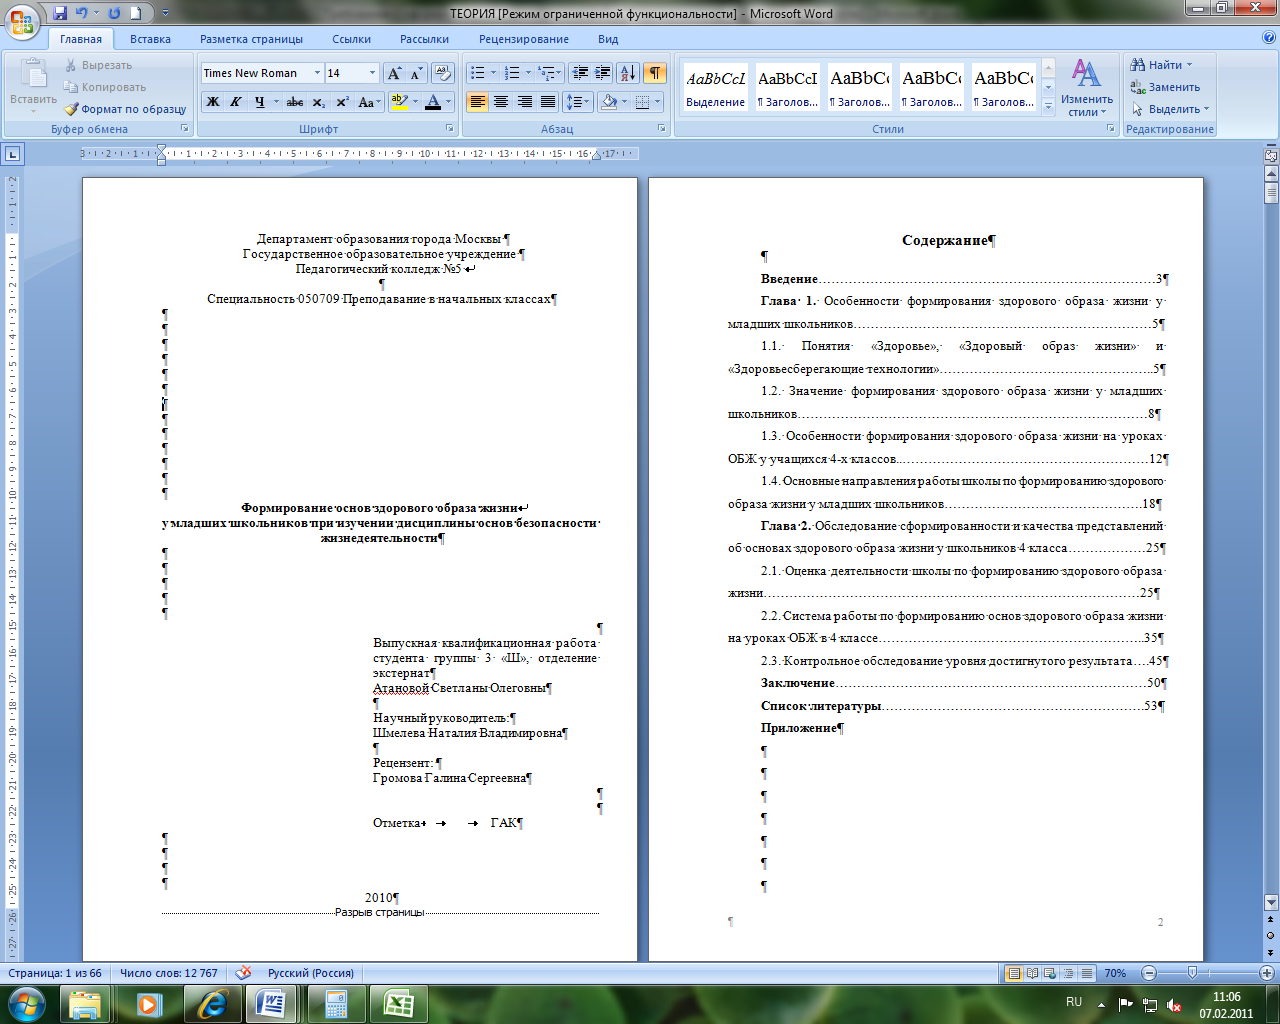 ПростоСдал ру Как написать заключение к дипломной работе Как написать заключение к дипломной работе